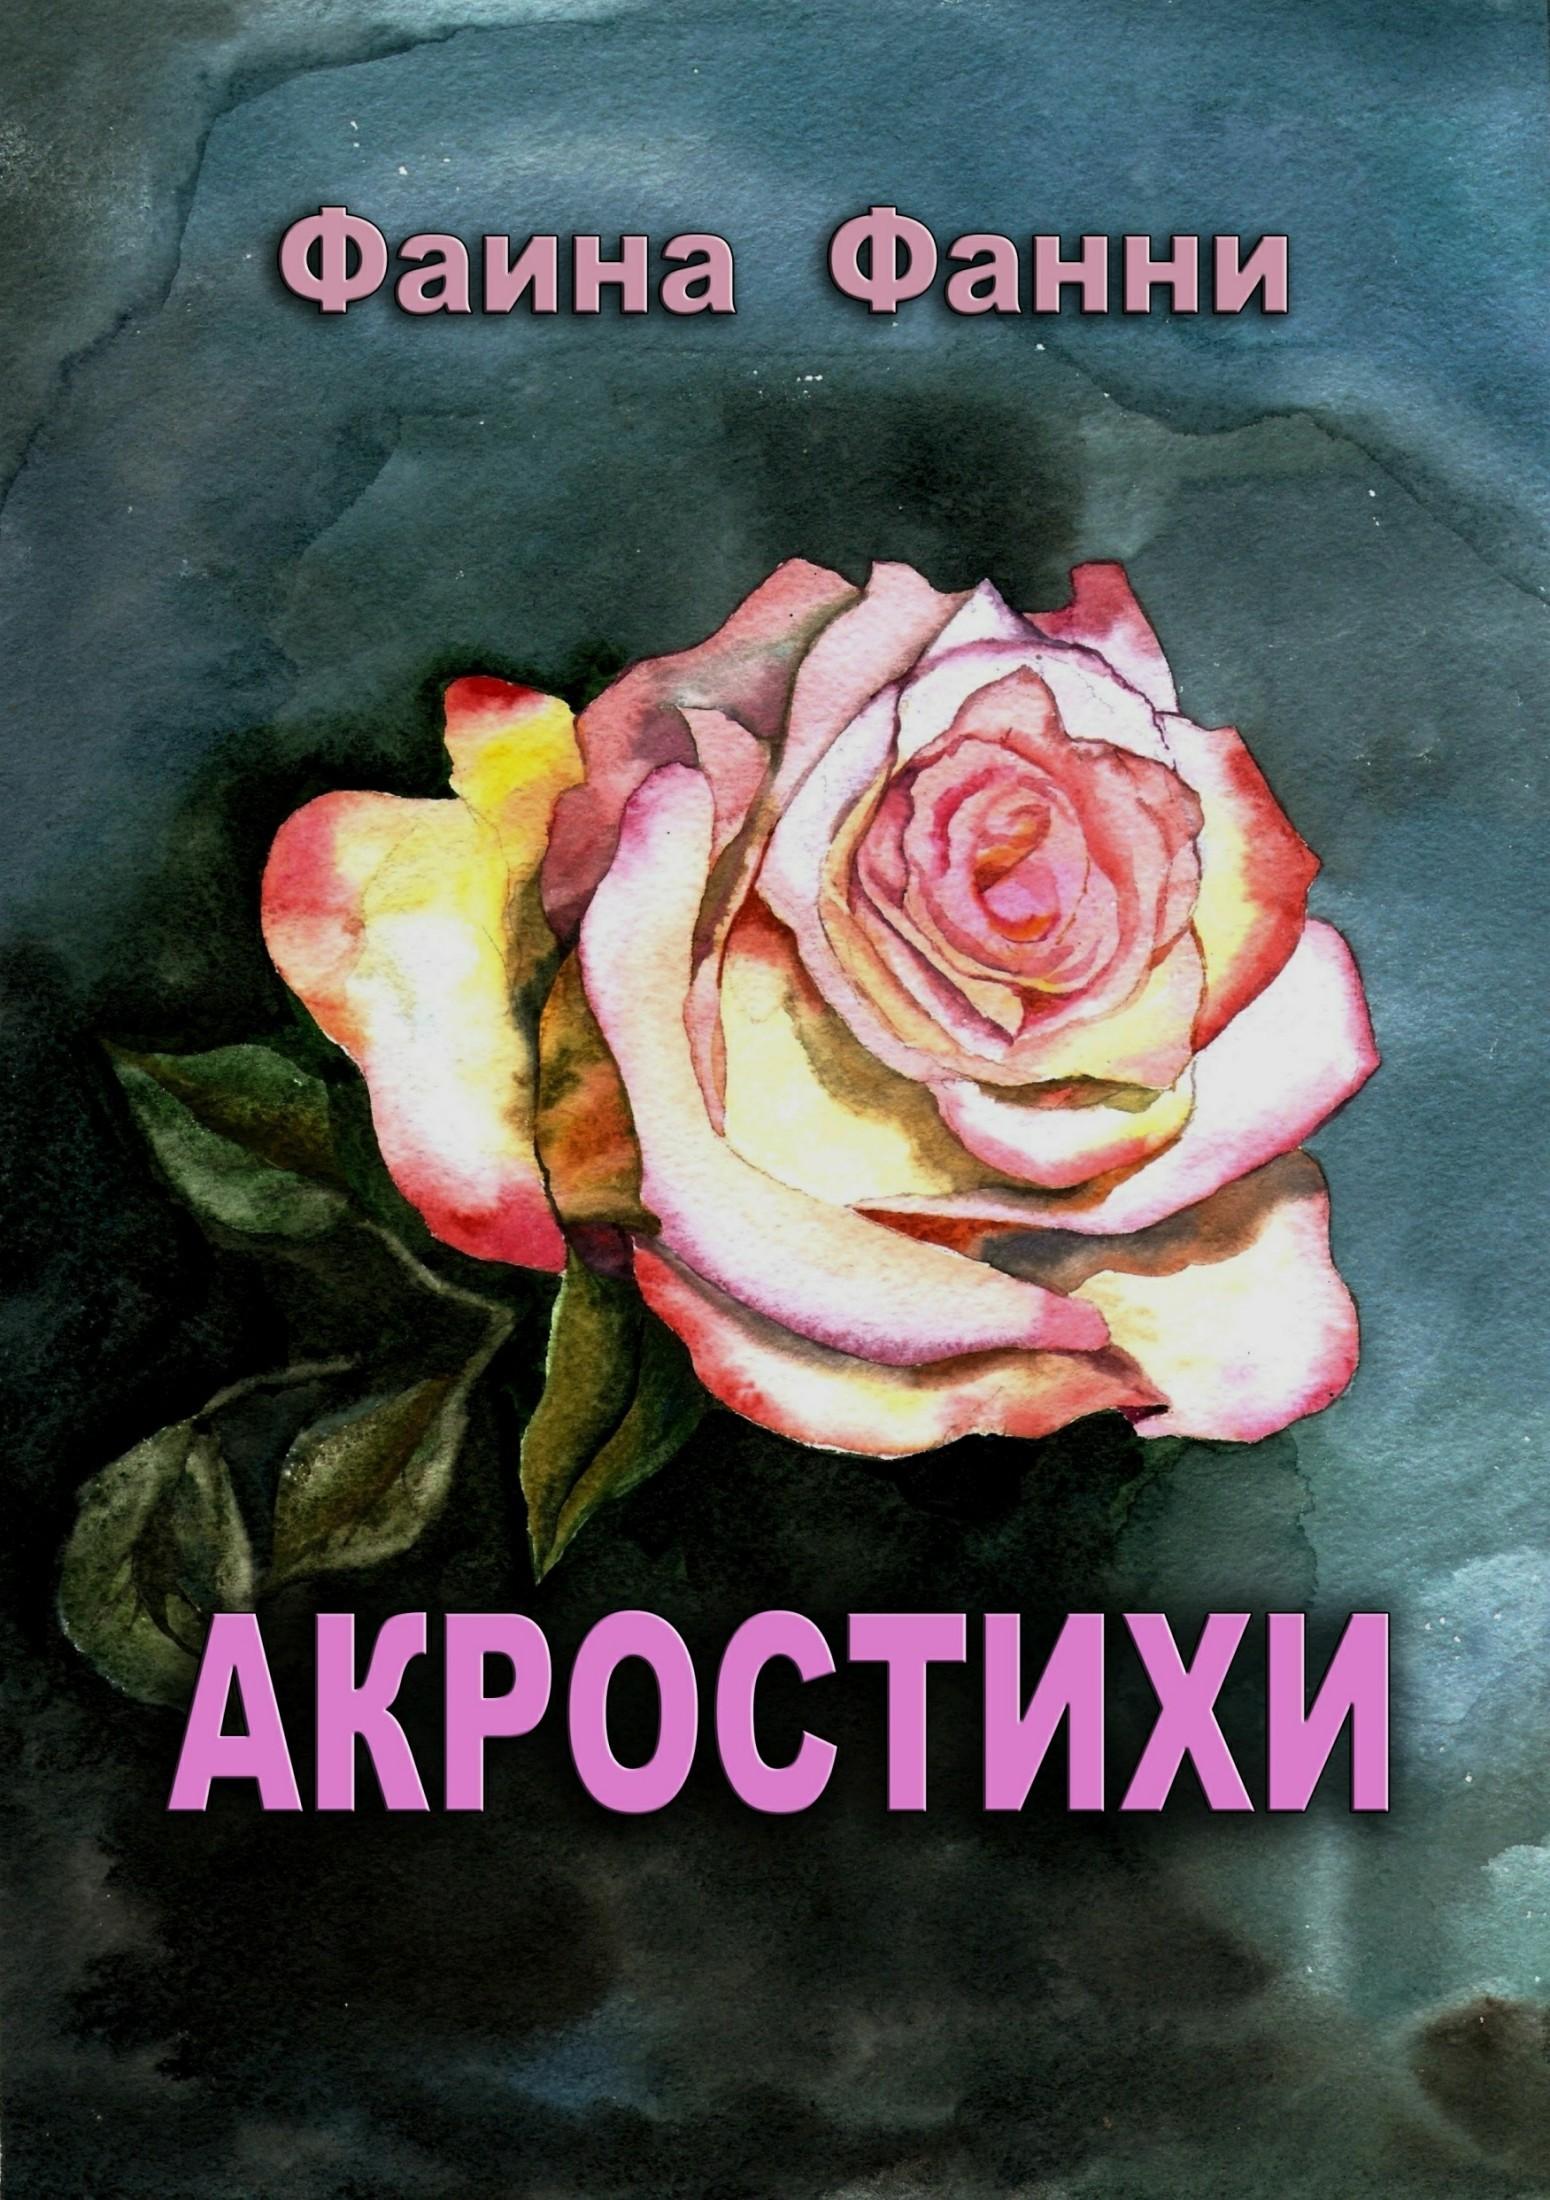 Фаина Фанни Акростихи небольшой видеофильм 5 буквы сканворд